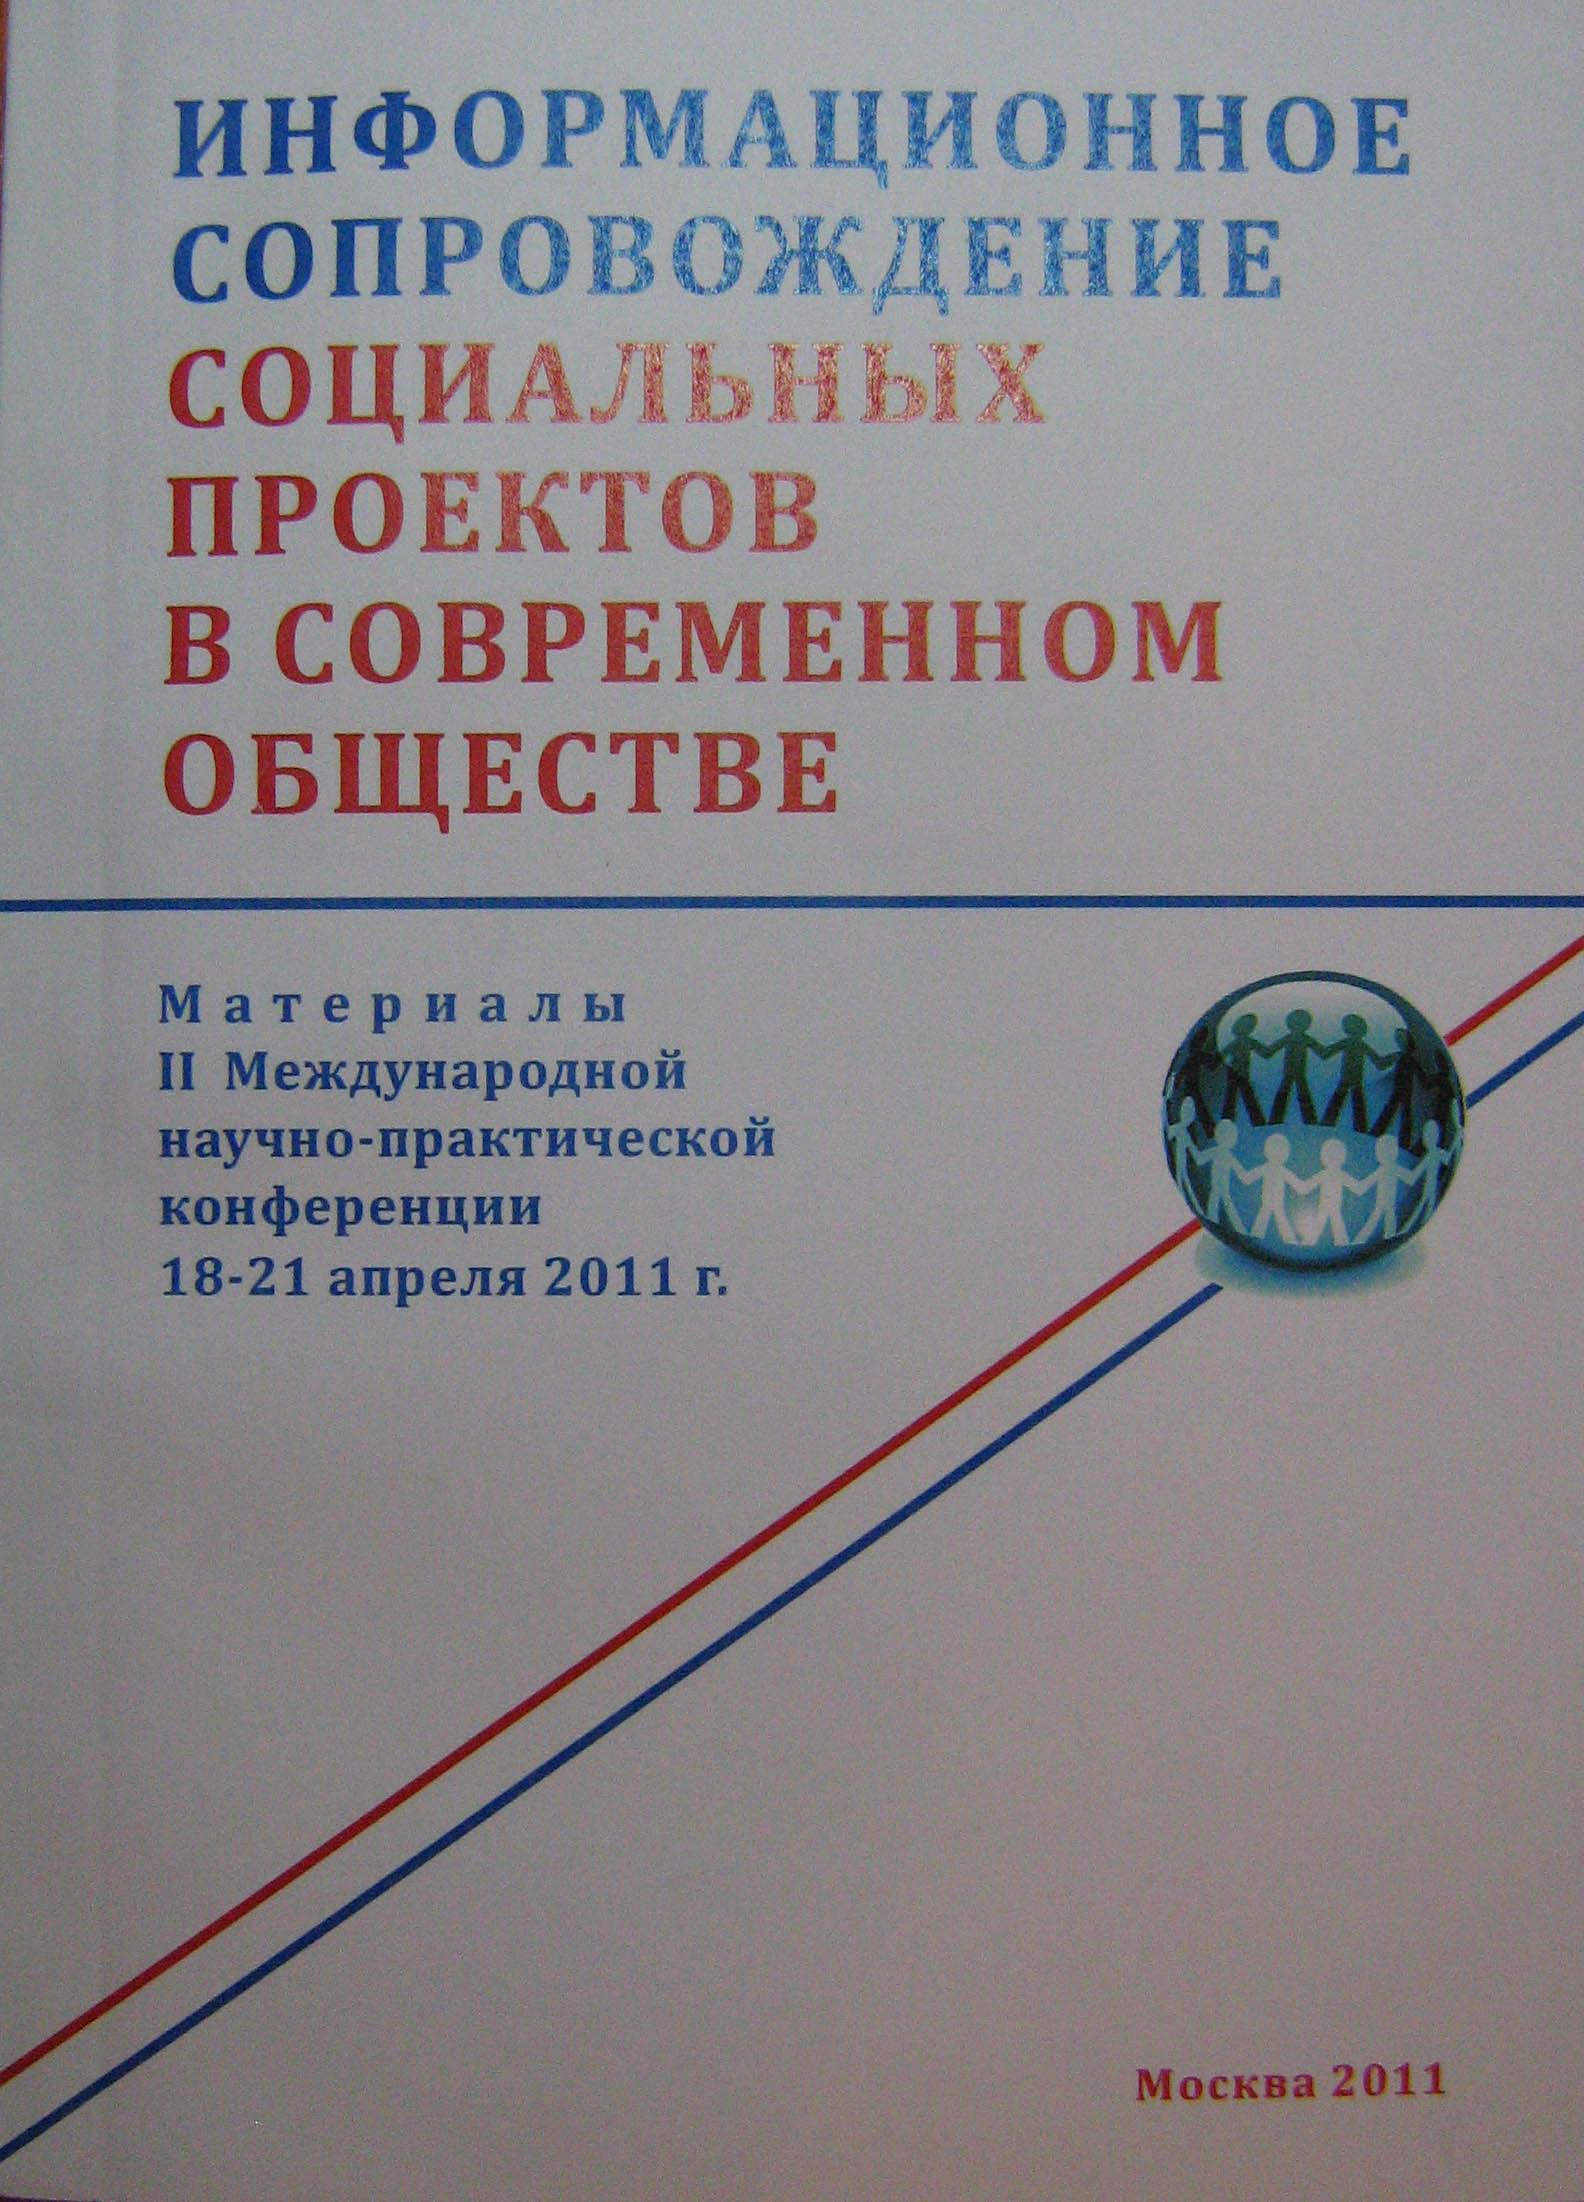 Информационное сопровождение социальных проектов в современном обществе. Материалы II Международной научно-практической конференции, 18-21 апреля 2011 г., Москва